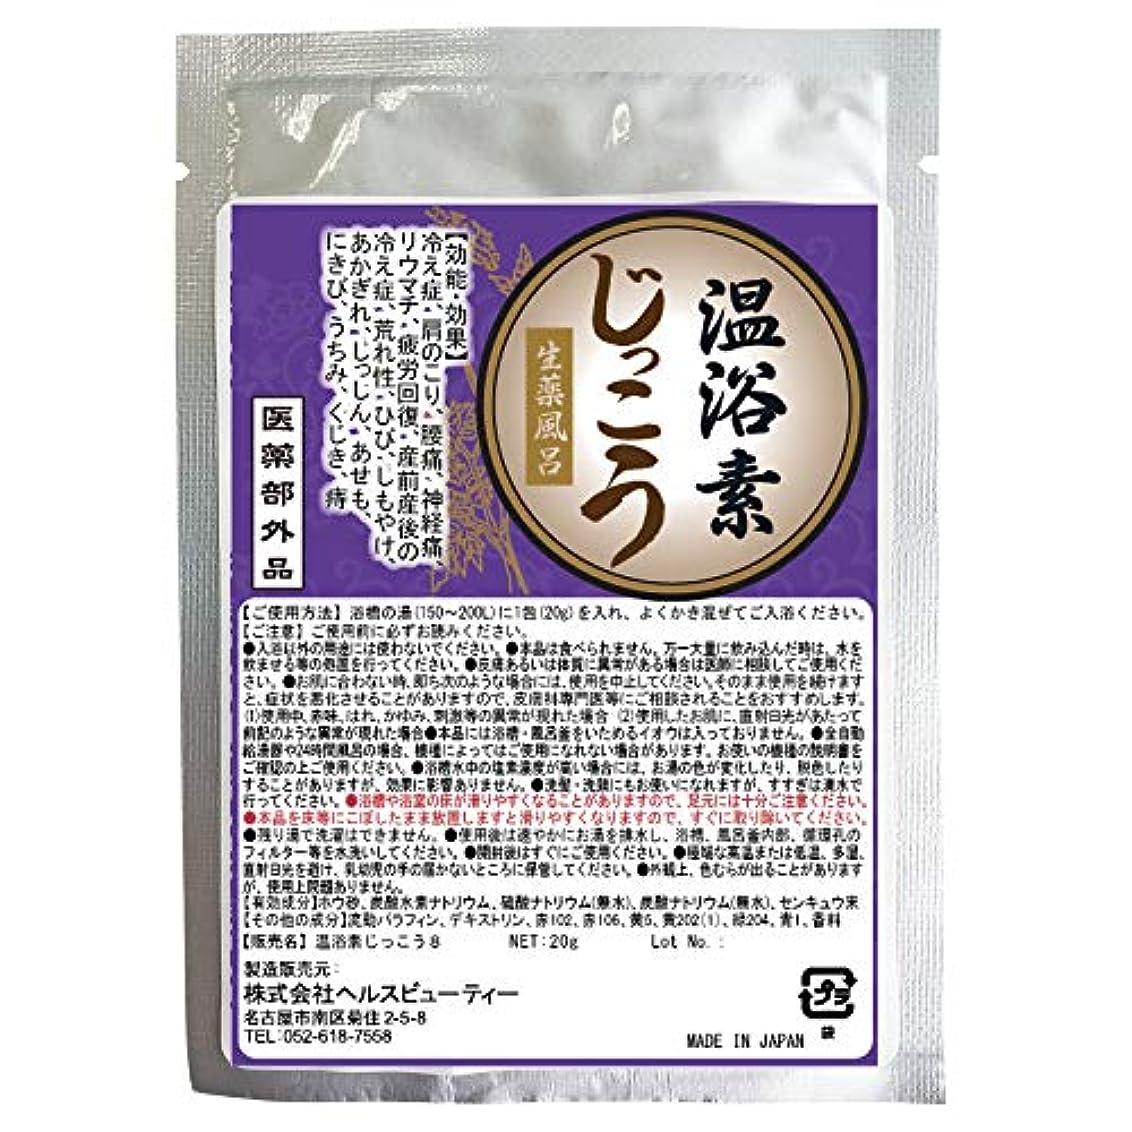 工場退却不実温浴素 じっこう 分包 タイプ 1回分 医薬部外品 ロングセラー 川きゅう 天然生薬 の 香り